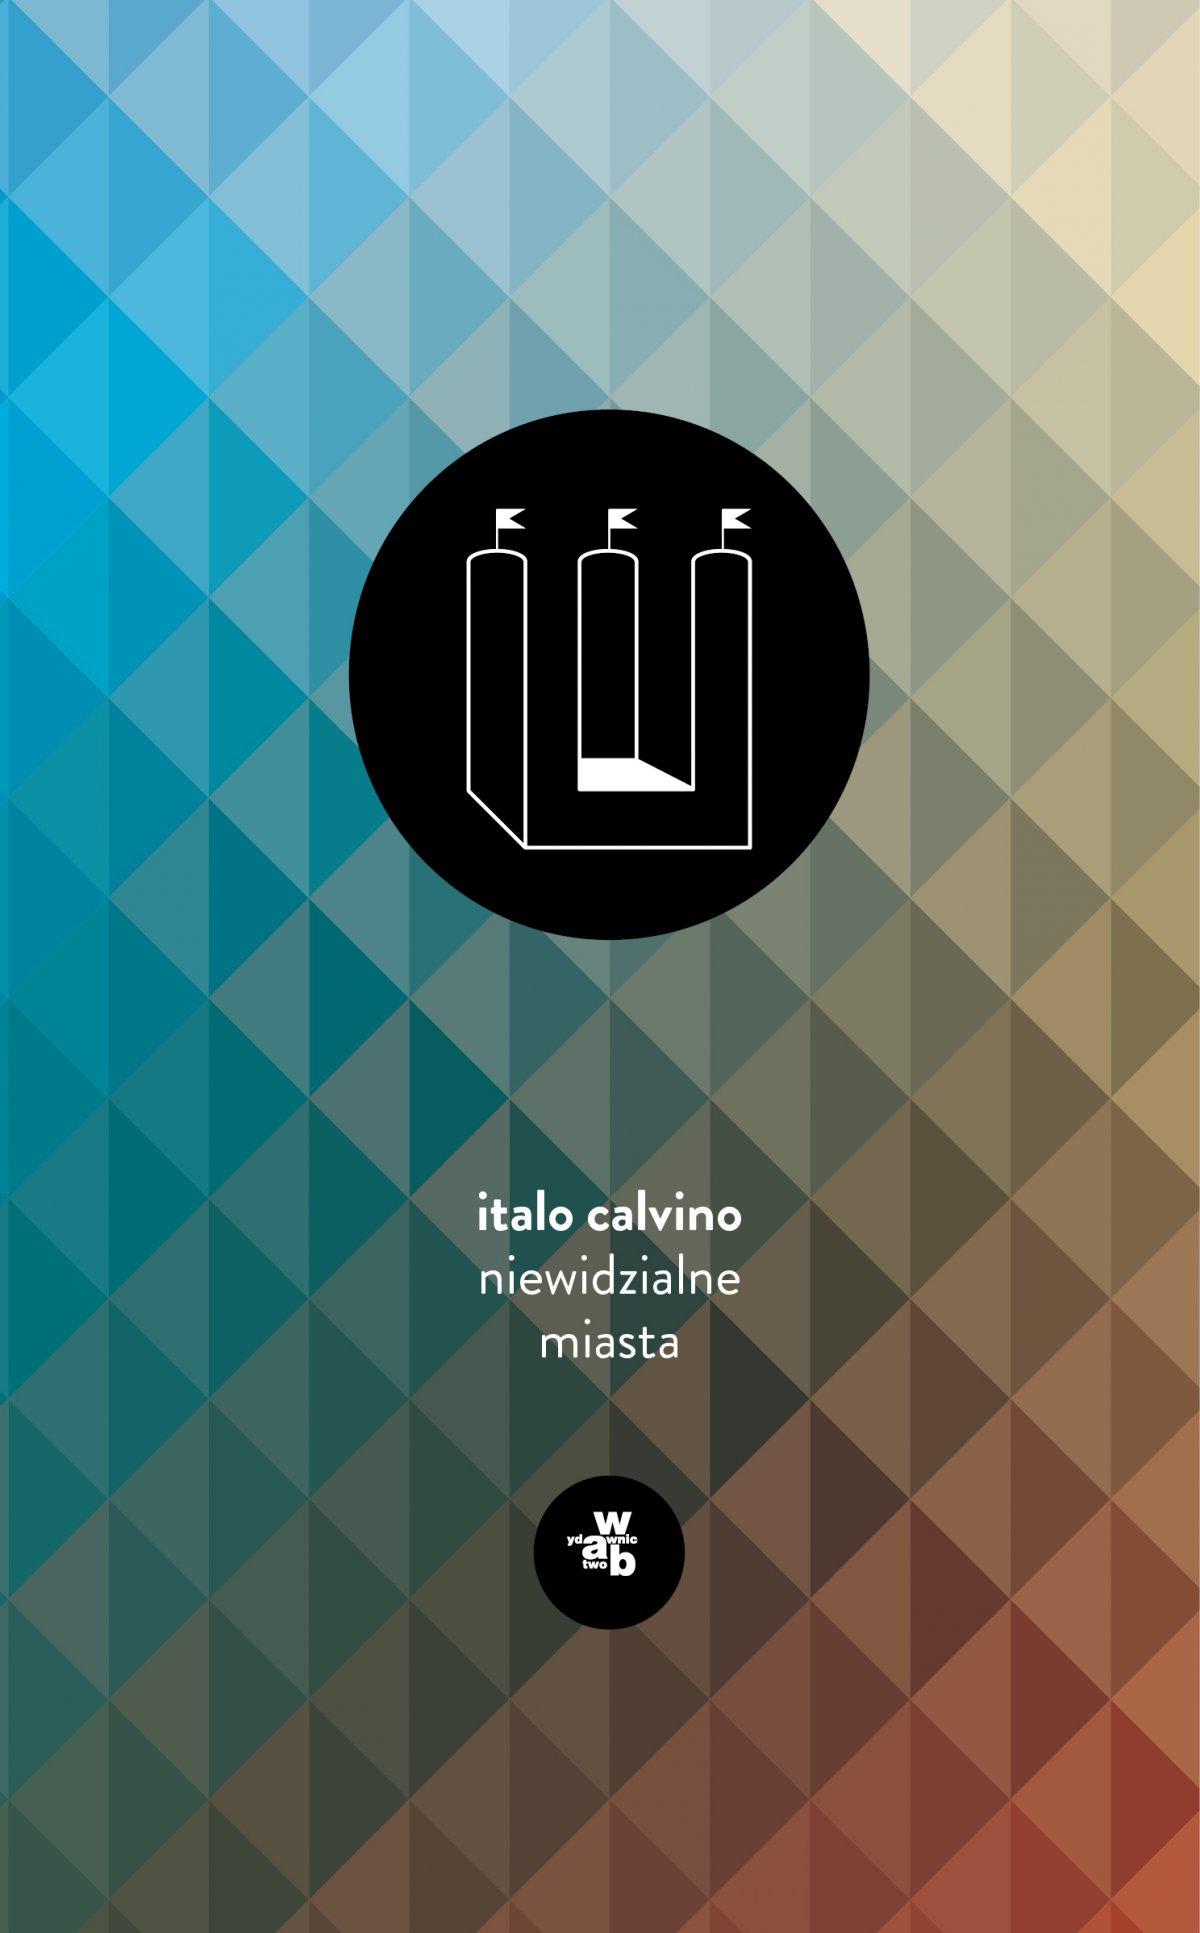 Niewidzialne miasta - Ebook (Książka EPUB) do pobrania w formacie EPUB